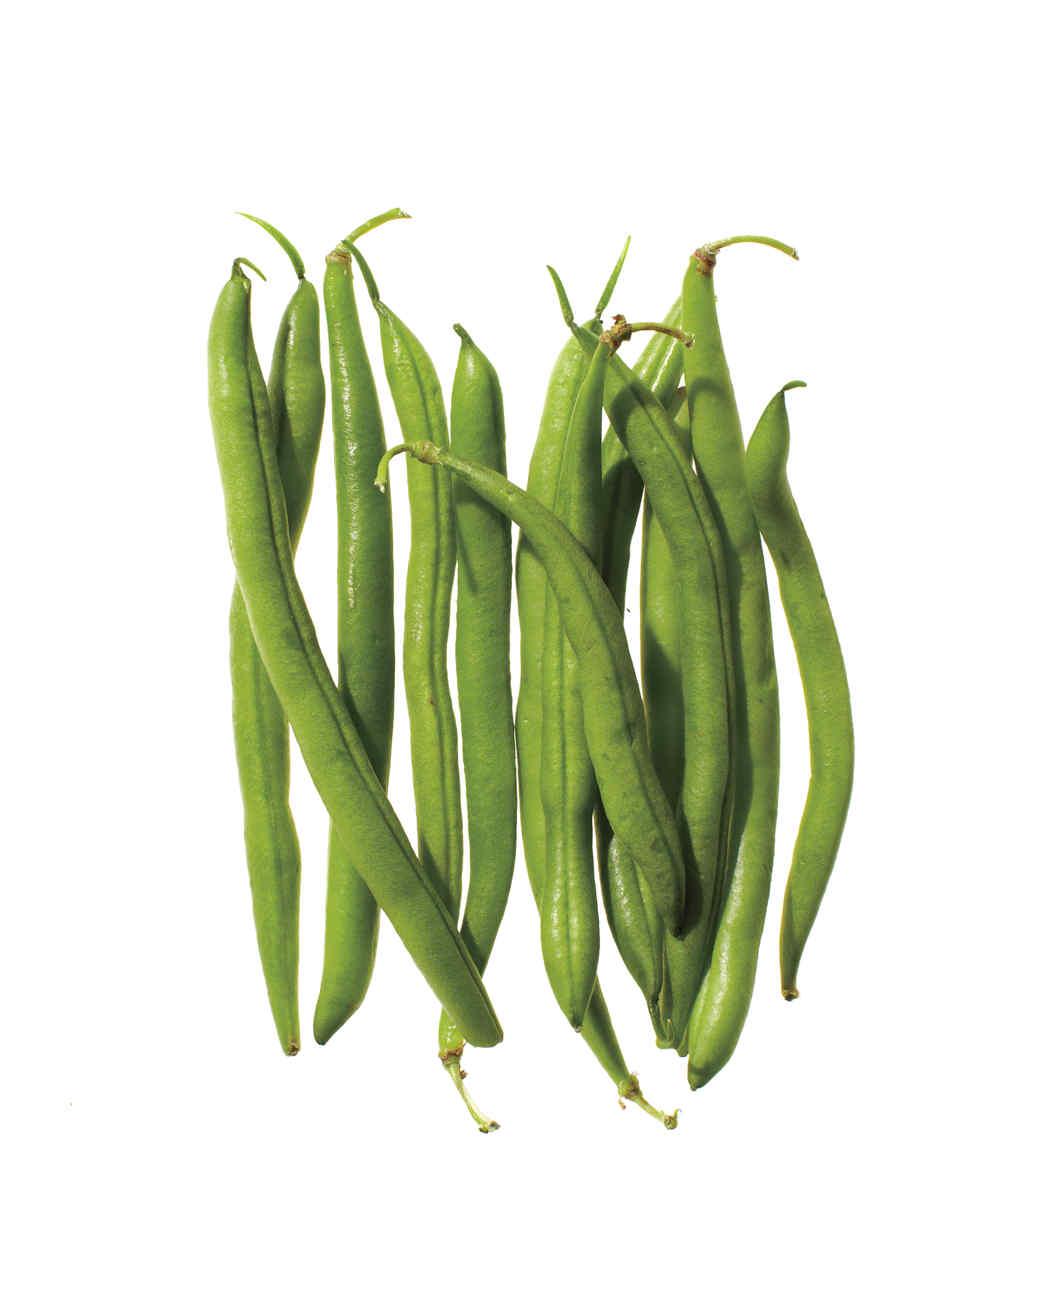 green-beans-med108826.jpg